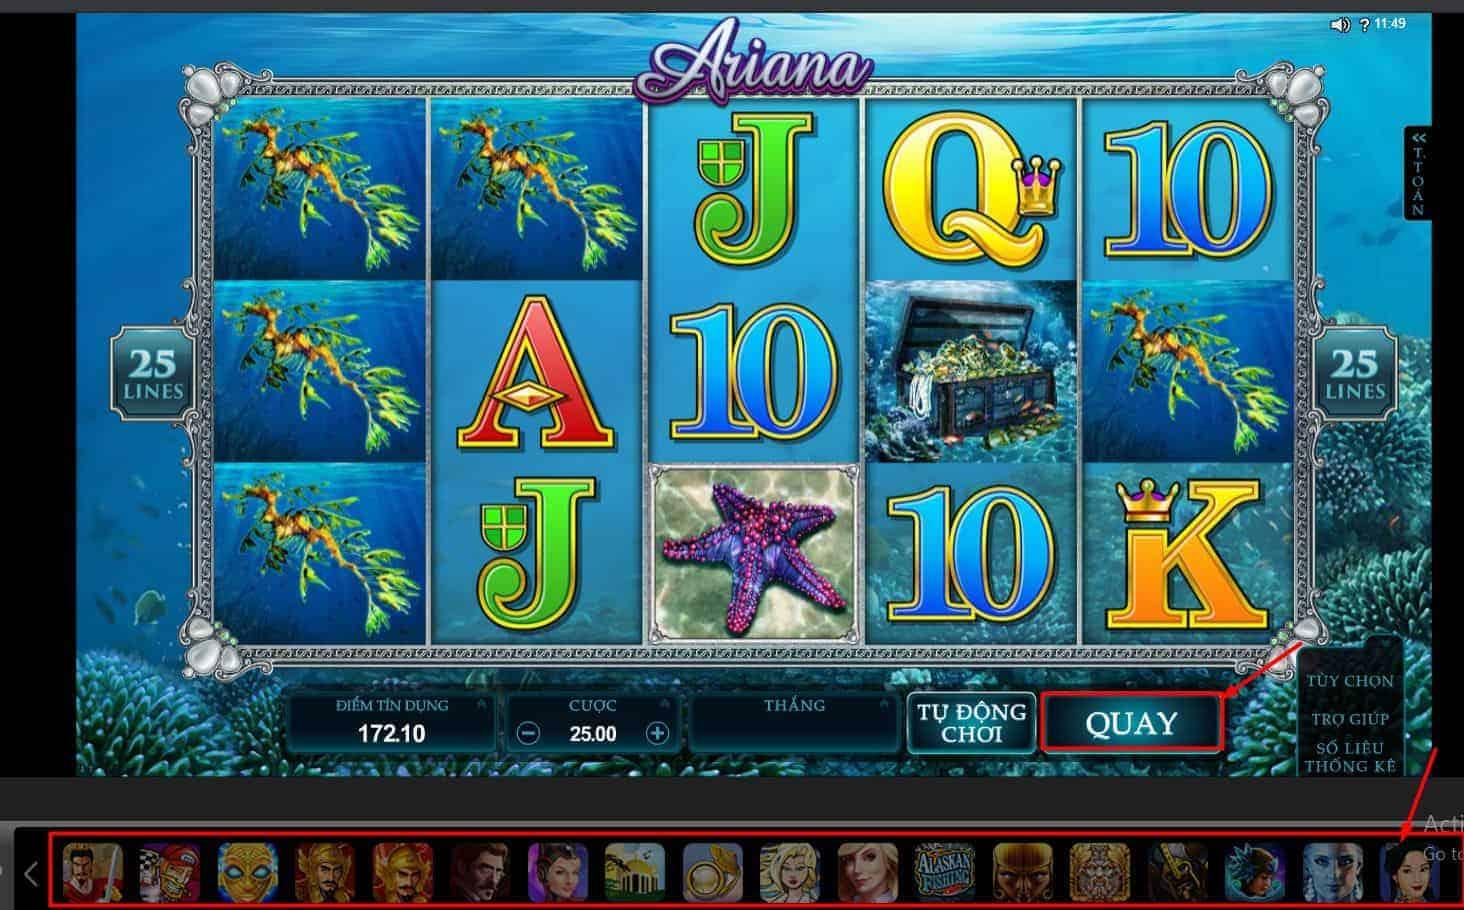 Game Jackpot là gì và hướng dẫn cách chơi Jackpot W88 cực hay